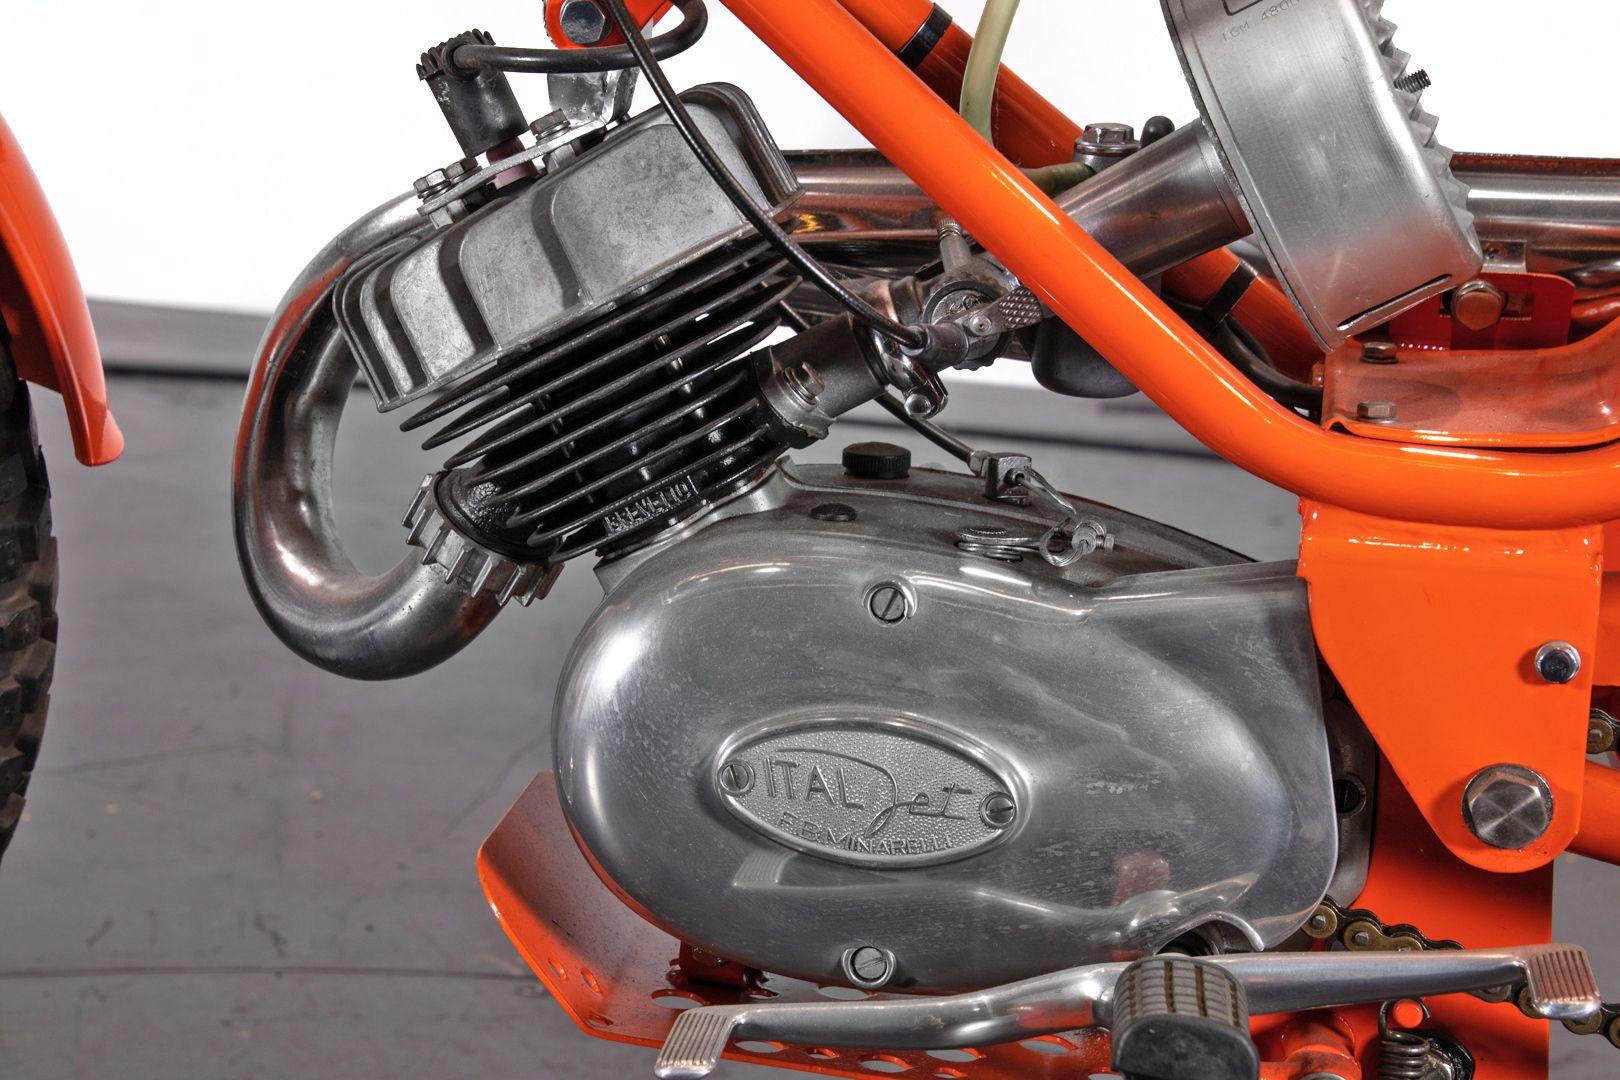 1967 Italjet B 50 39348